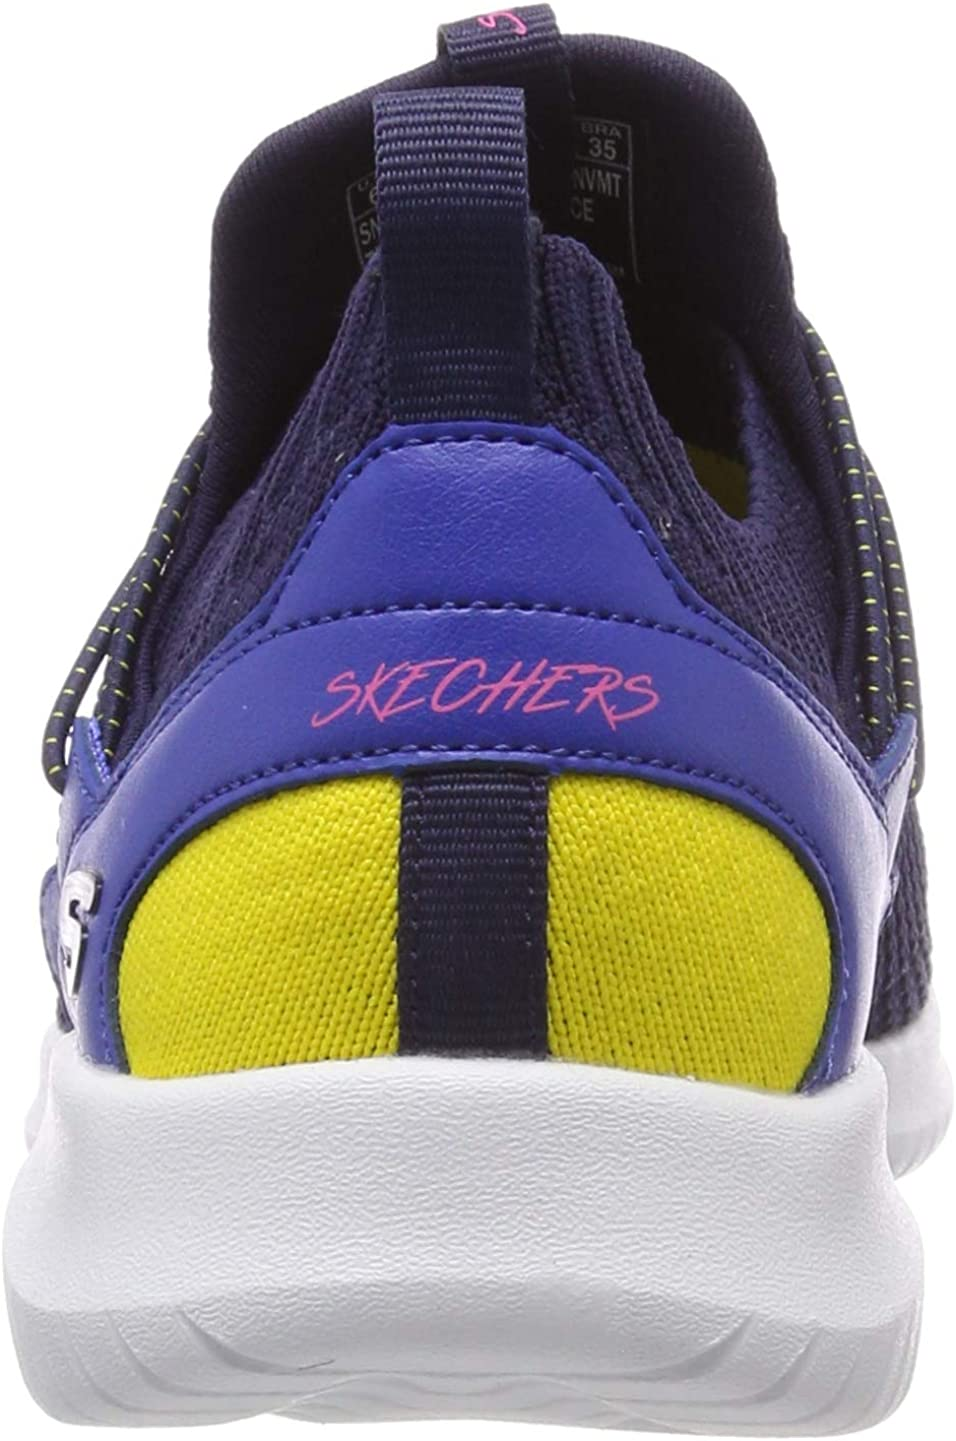 Skechers Ultra Flex-More Tranquility, Scarpe da Ginnastica Donna Blu Navy Mint Nvmt tQo7uN